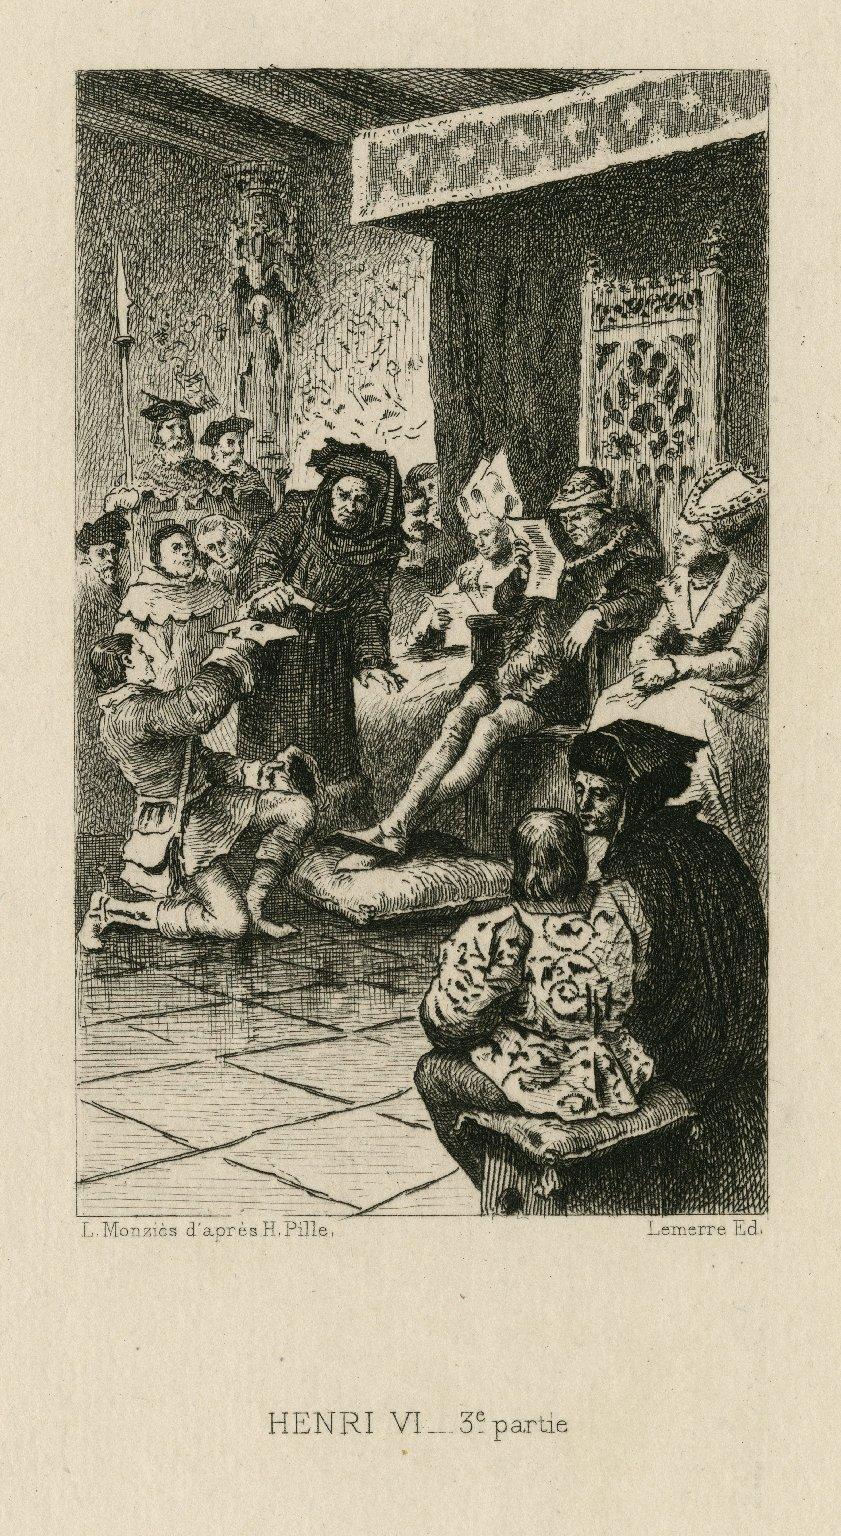 Henri VI, 3e partie [King Henry VI, part 3, act 3, scene 3] [graphic] / L. Monziès d'après H. Pille.